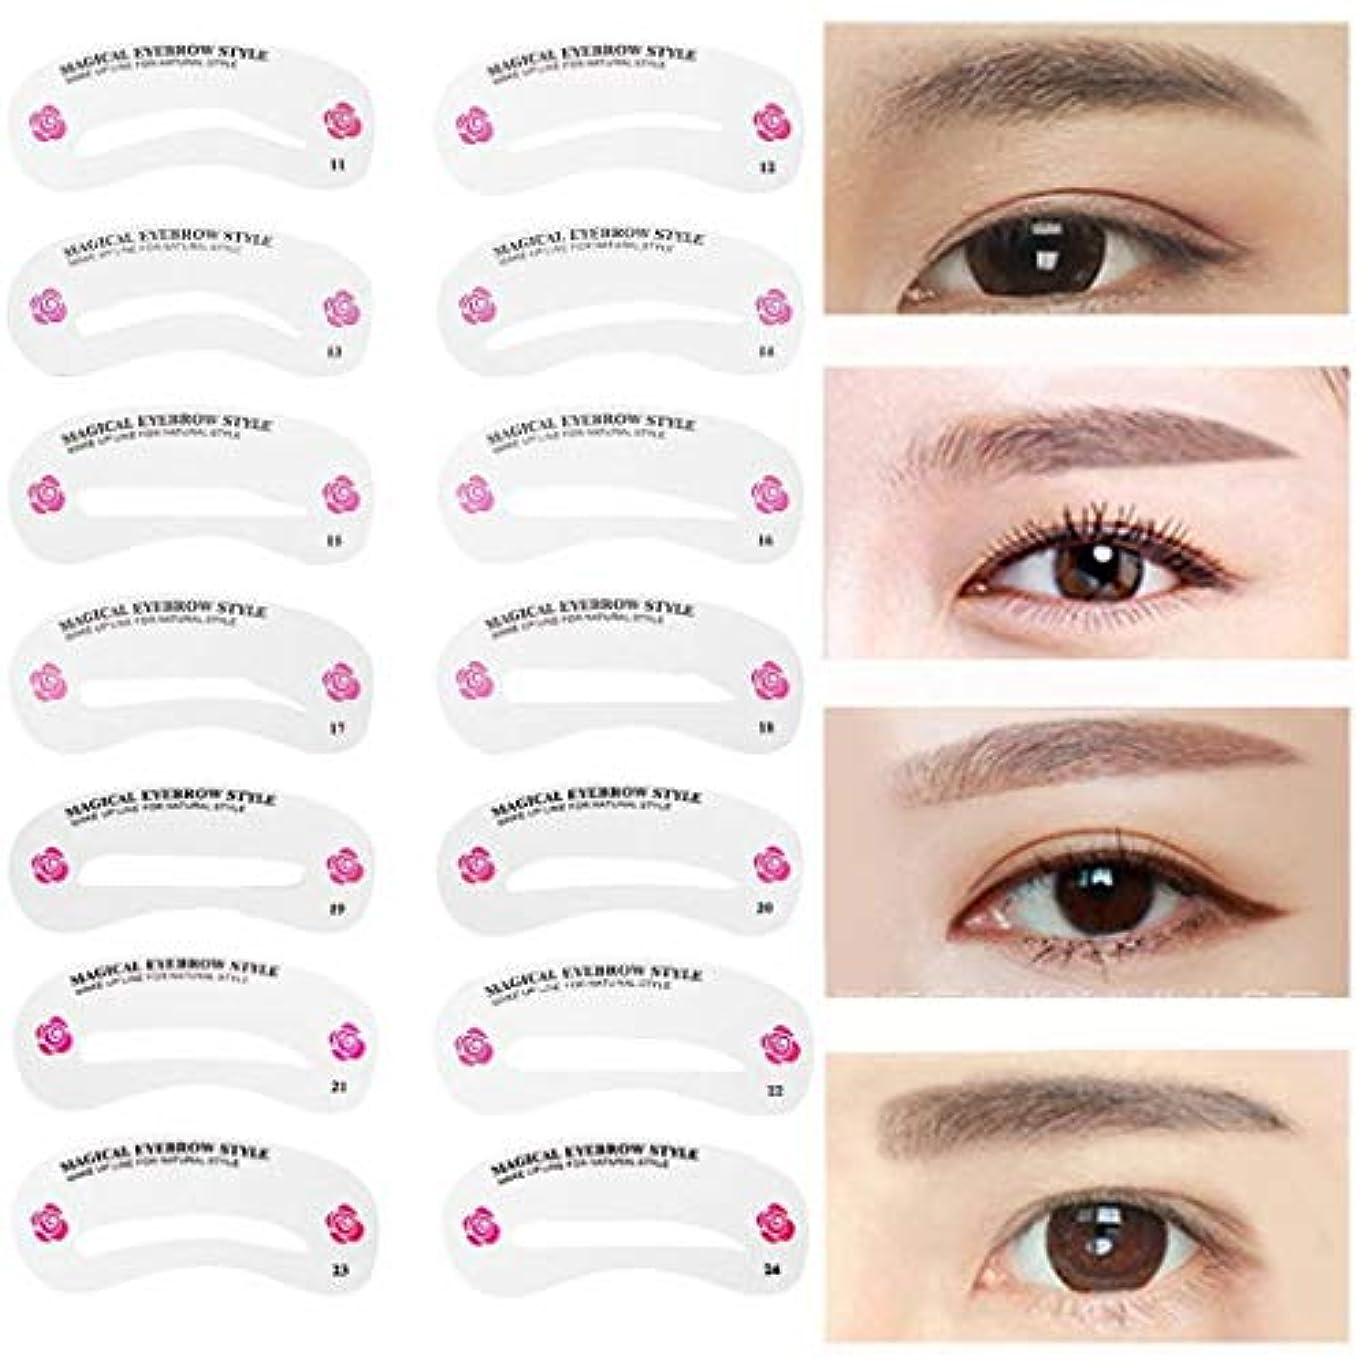 オズワルド熱意四24種類 眉毛テンプレート24枚セット 太眉対応 24パターン 眉毛を気分で使い分け 眉用ステンシル